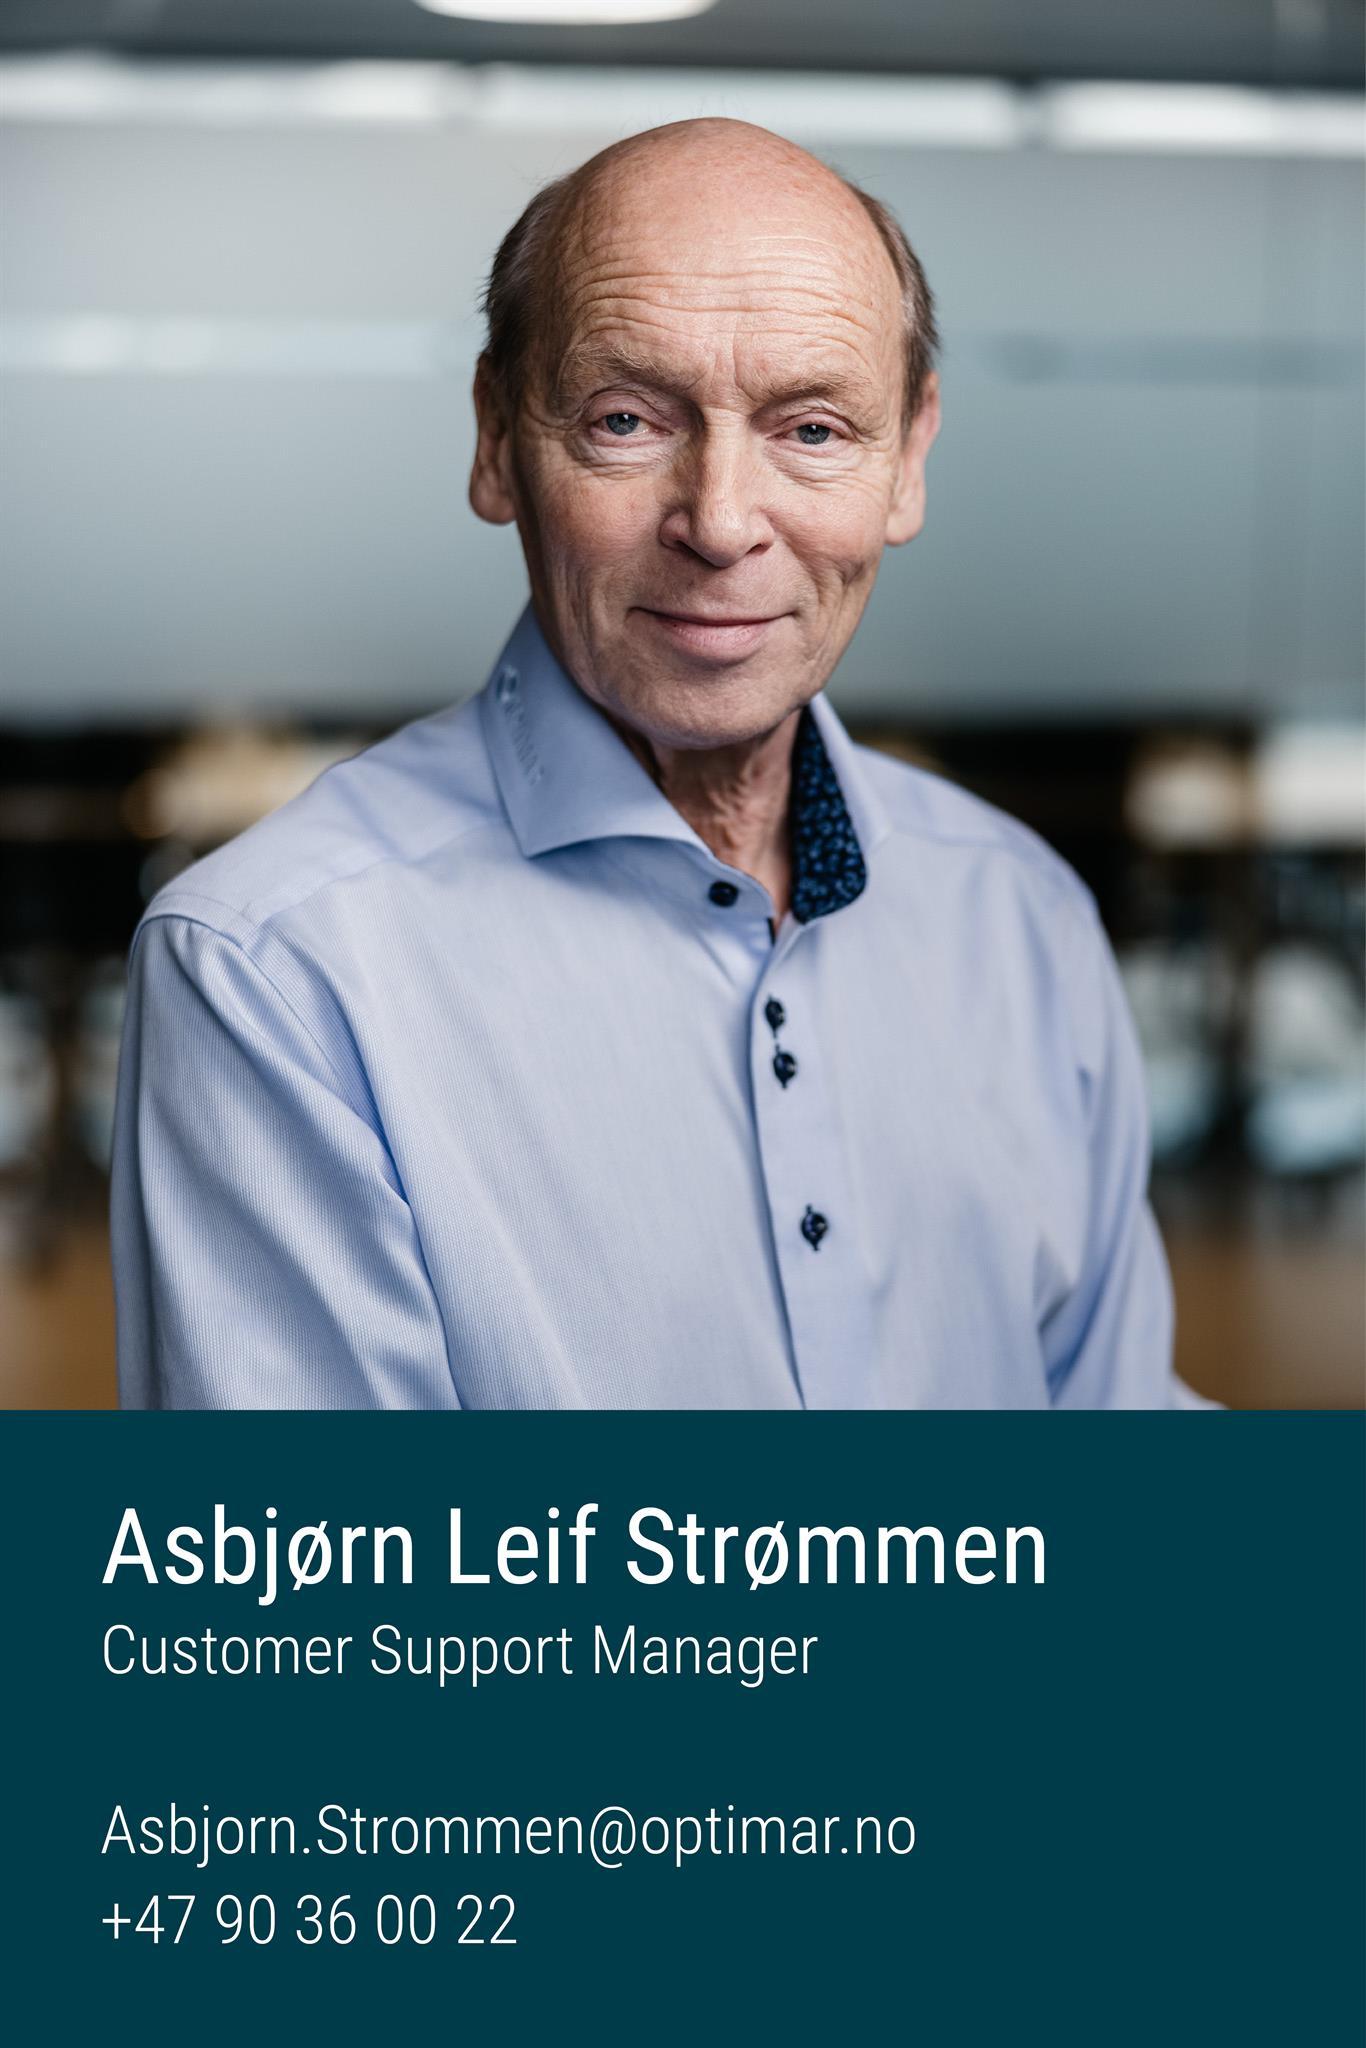 Asbjørn Leif Strømmen